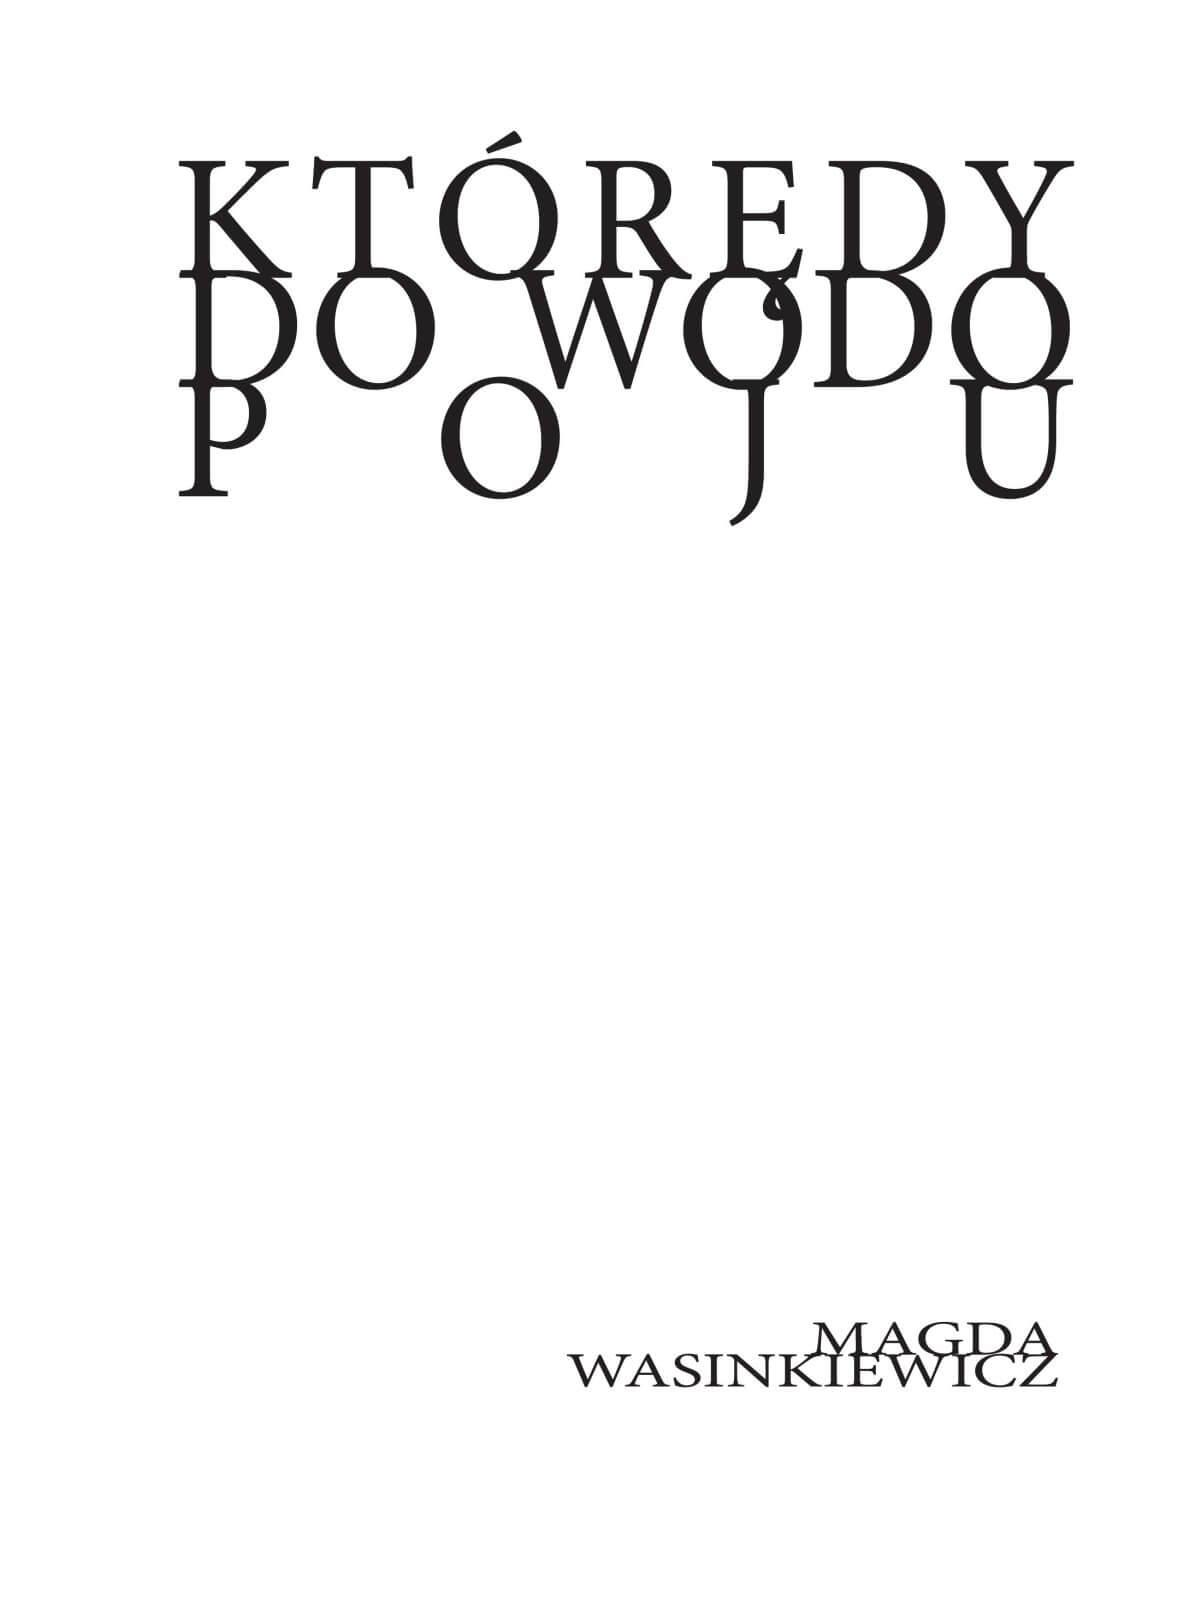 Magda Wasinkiewicz: Którędy dowodopoju